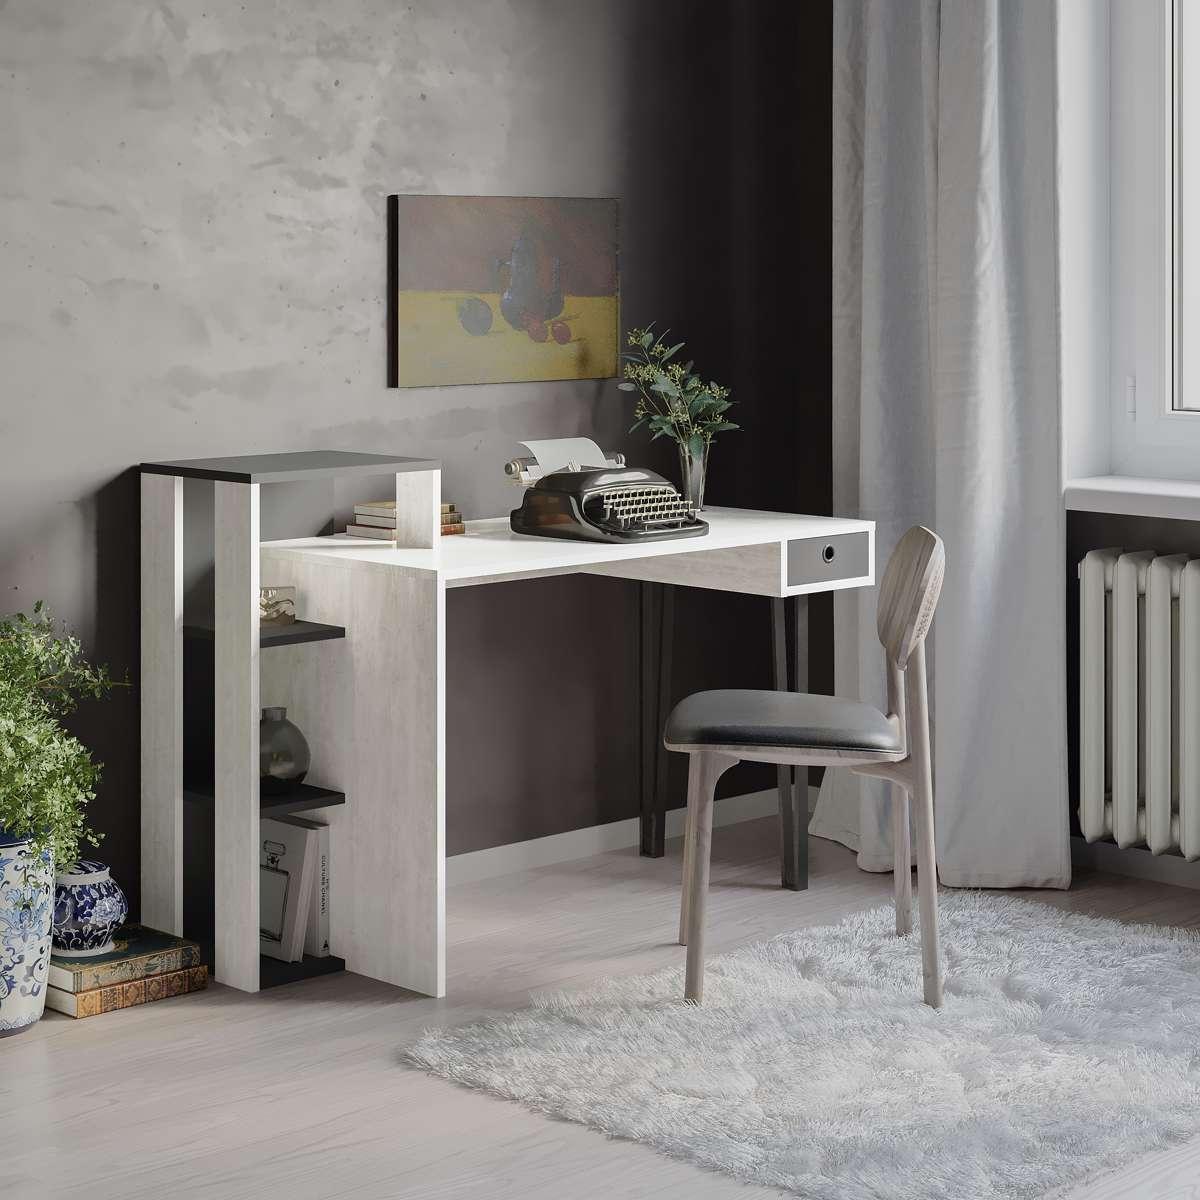 שולחן כתיבה Loyd Study Table אלון מולבן/אפור מסדרת Decoline